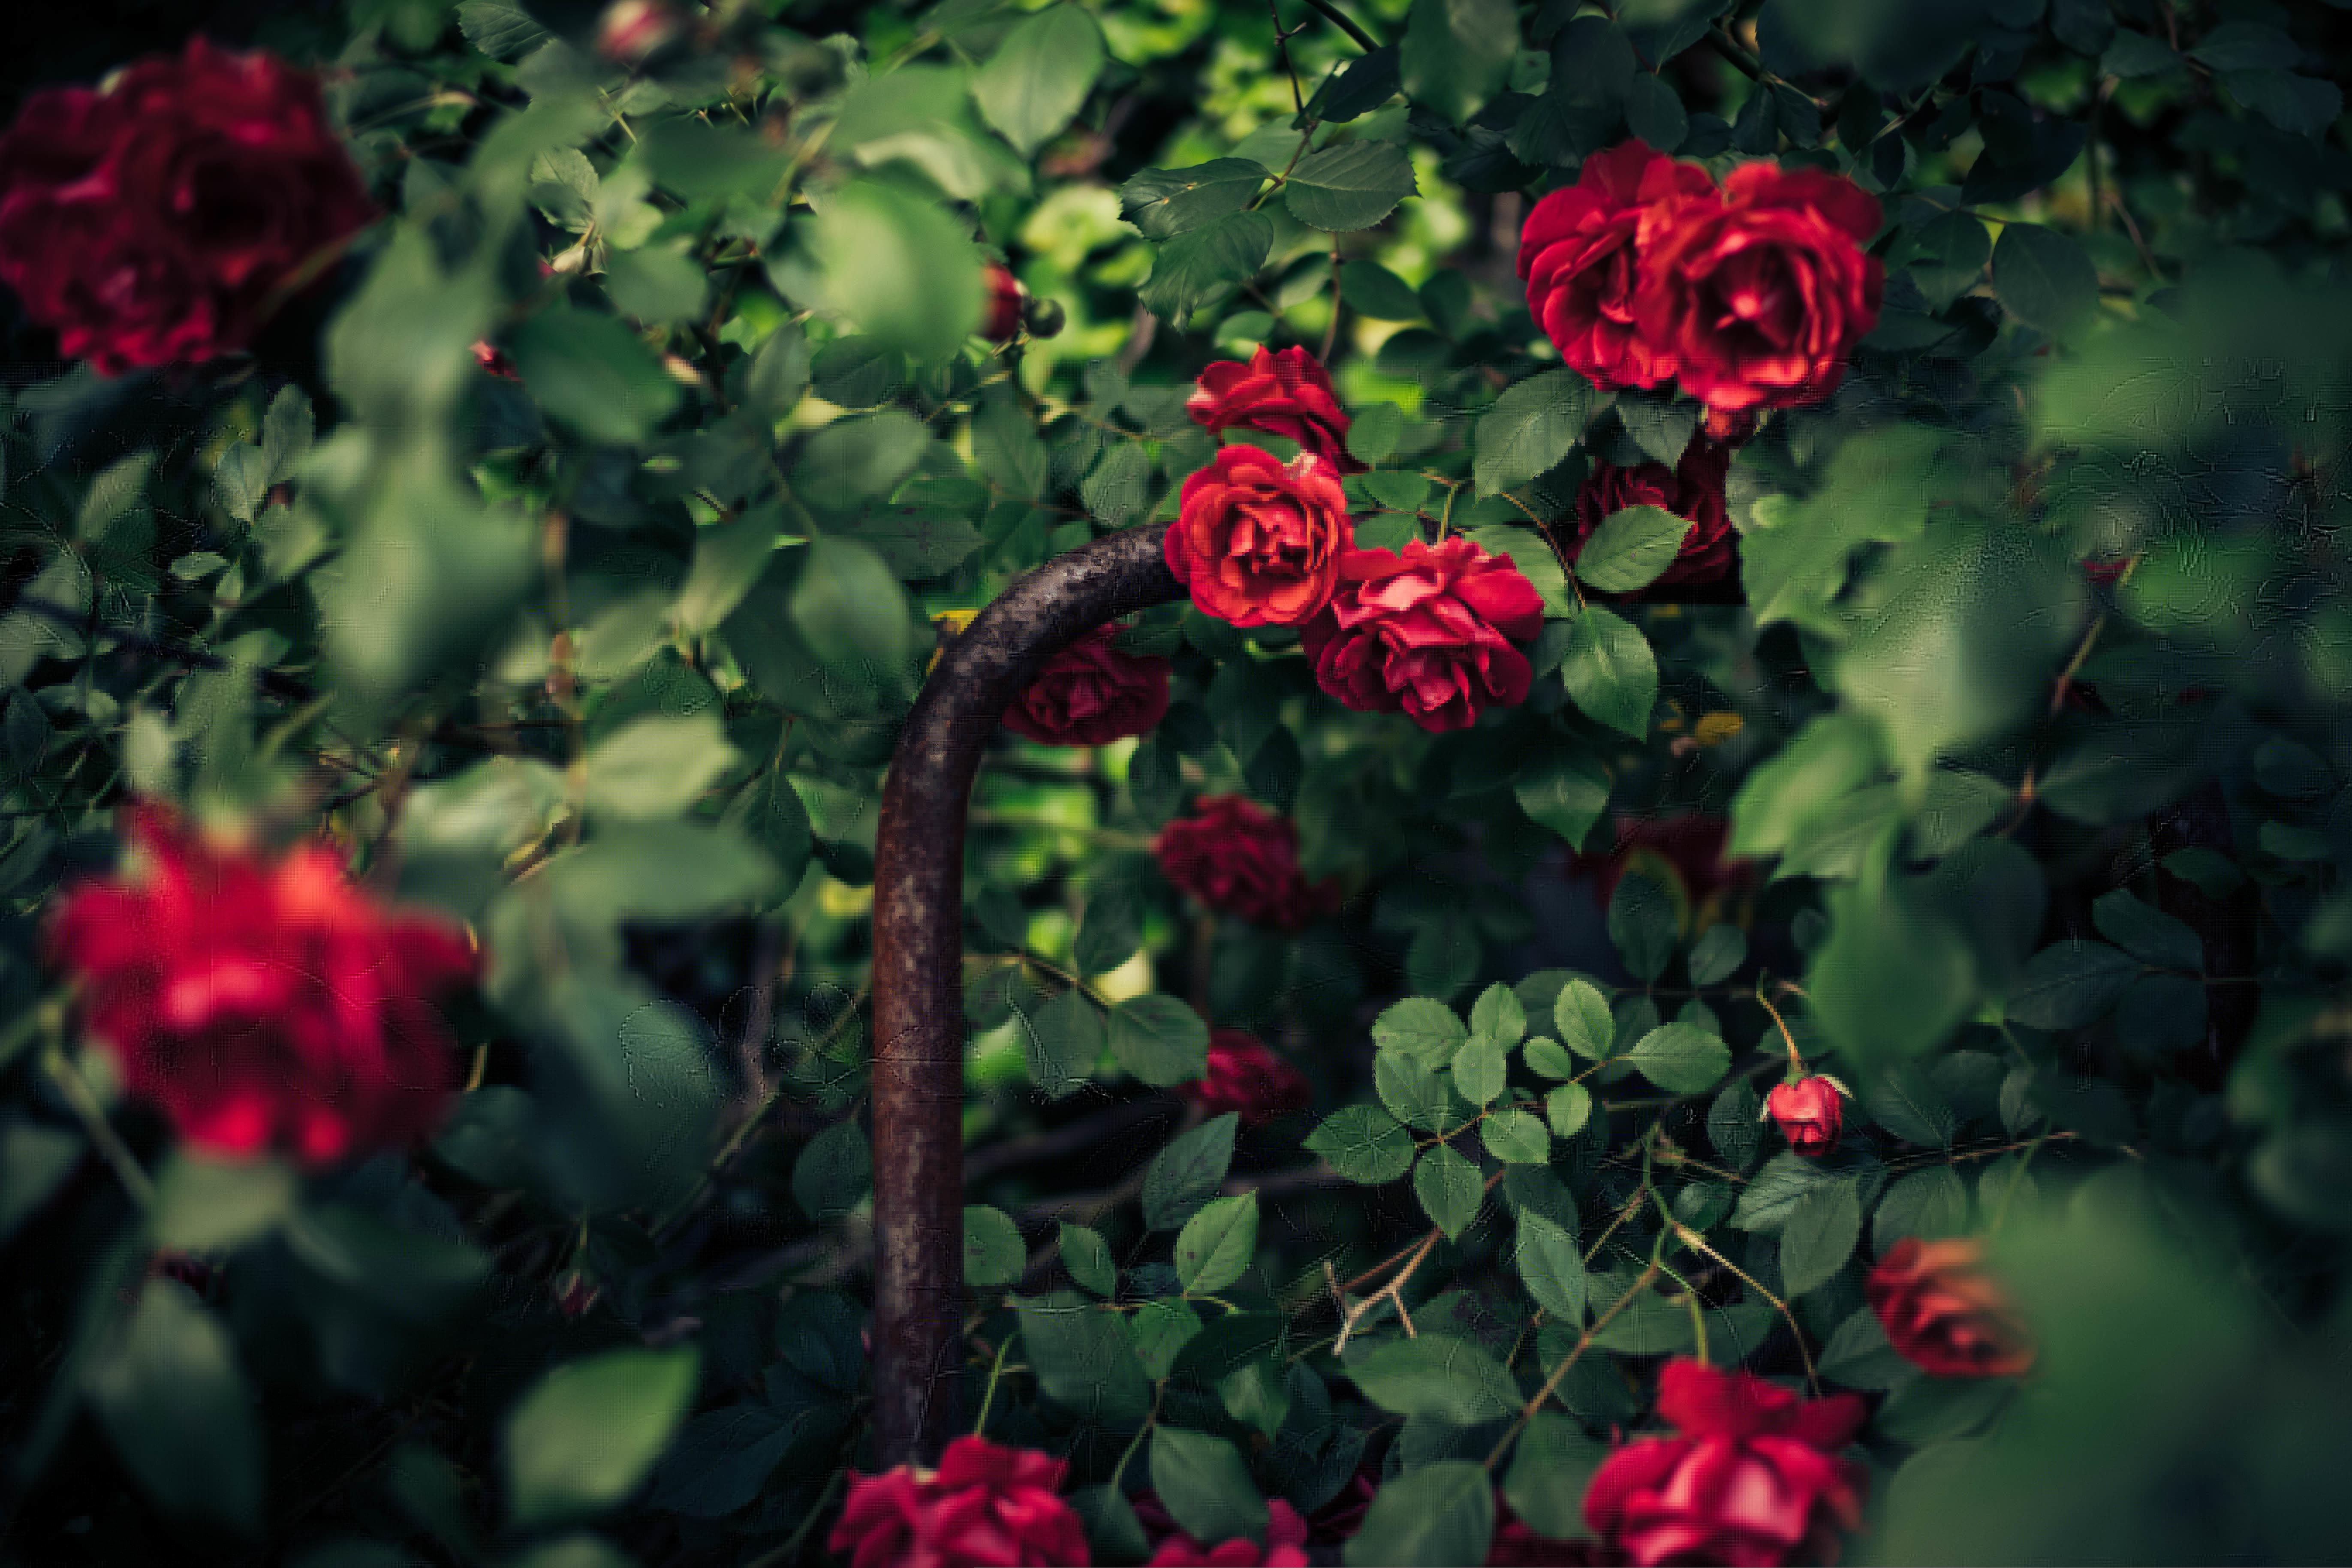 фотообои сад из красных роз знает, чтоб жила